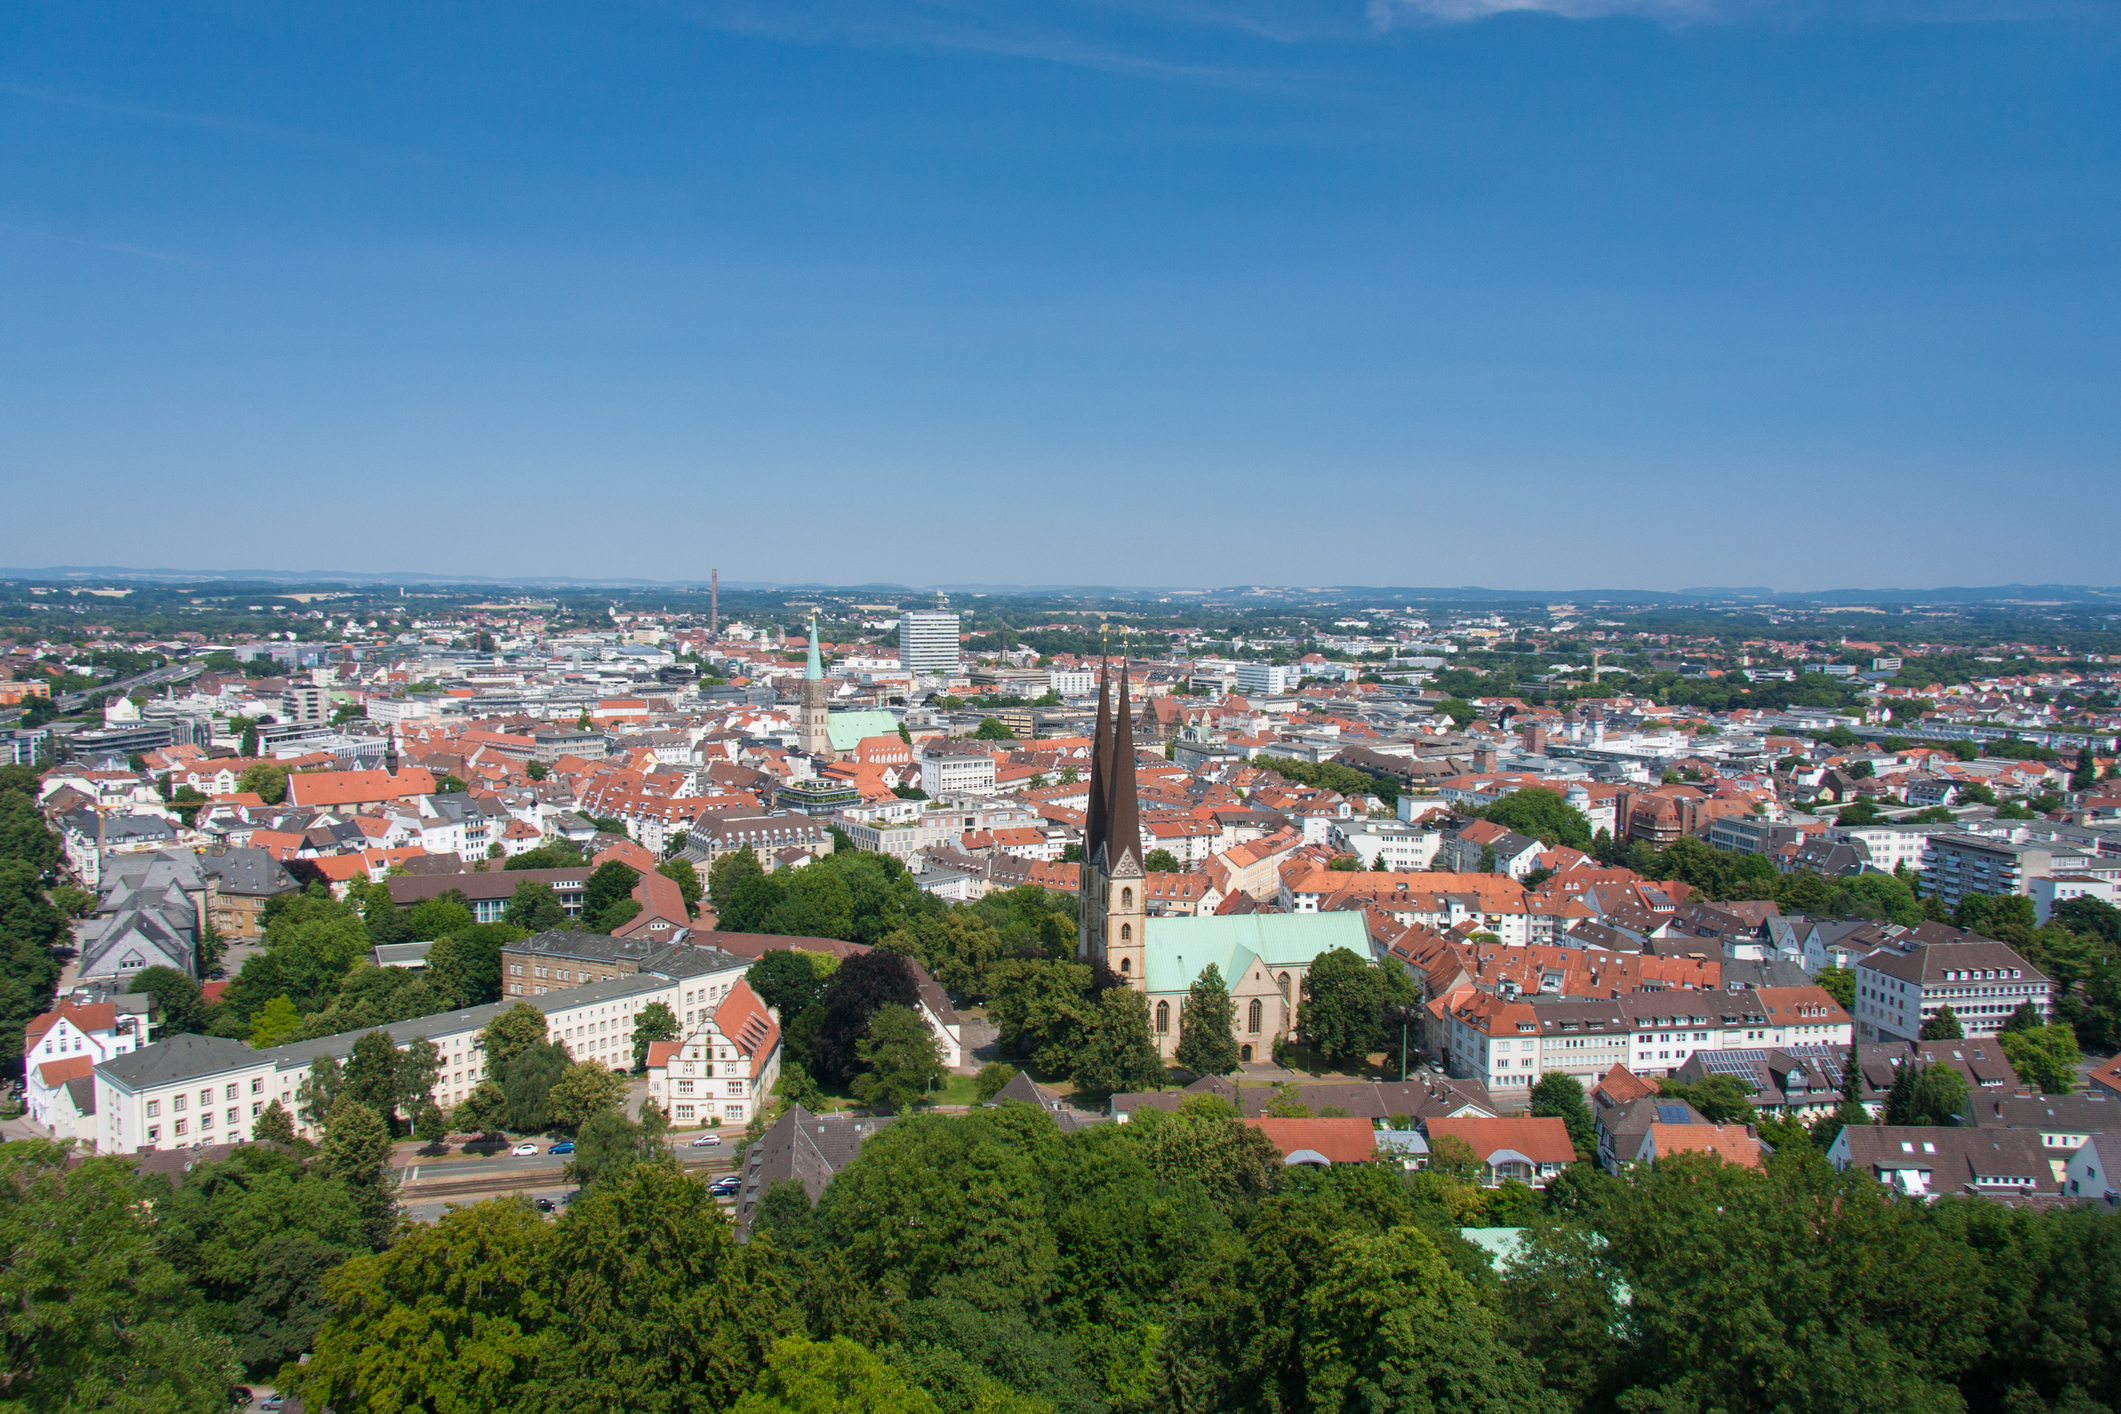 Bielefeld Weter